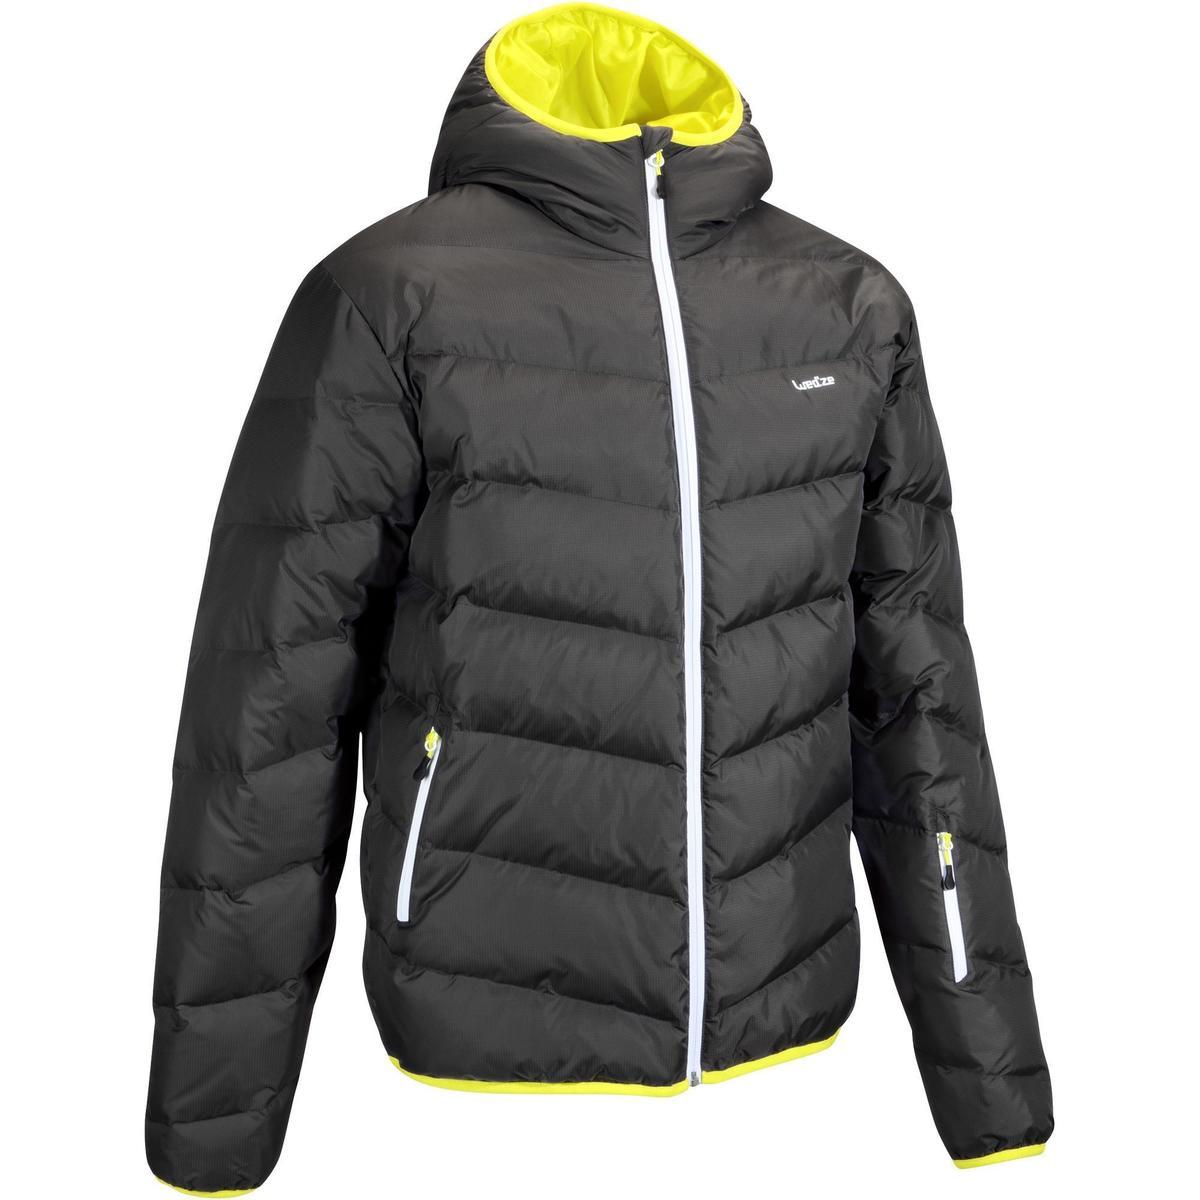 Bild 1 von Skijacke 500 Warm Herren grau